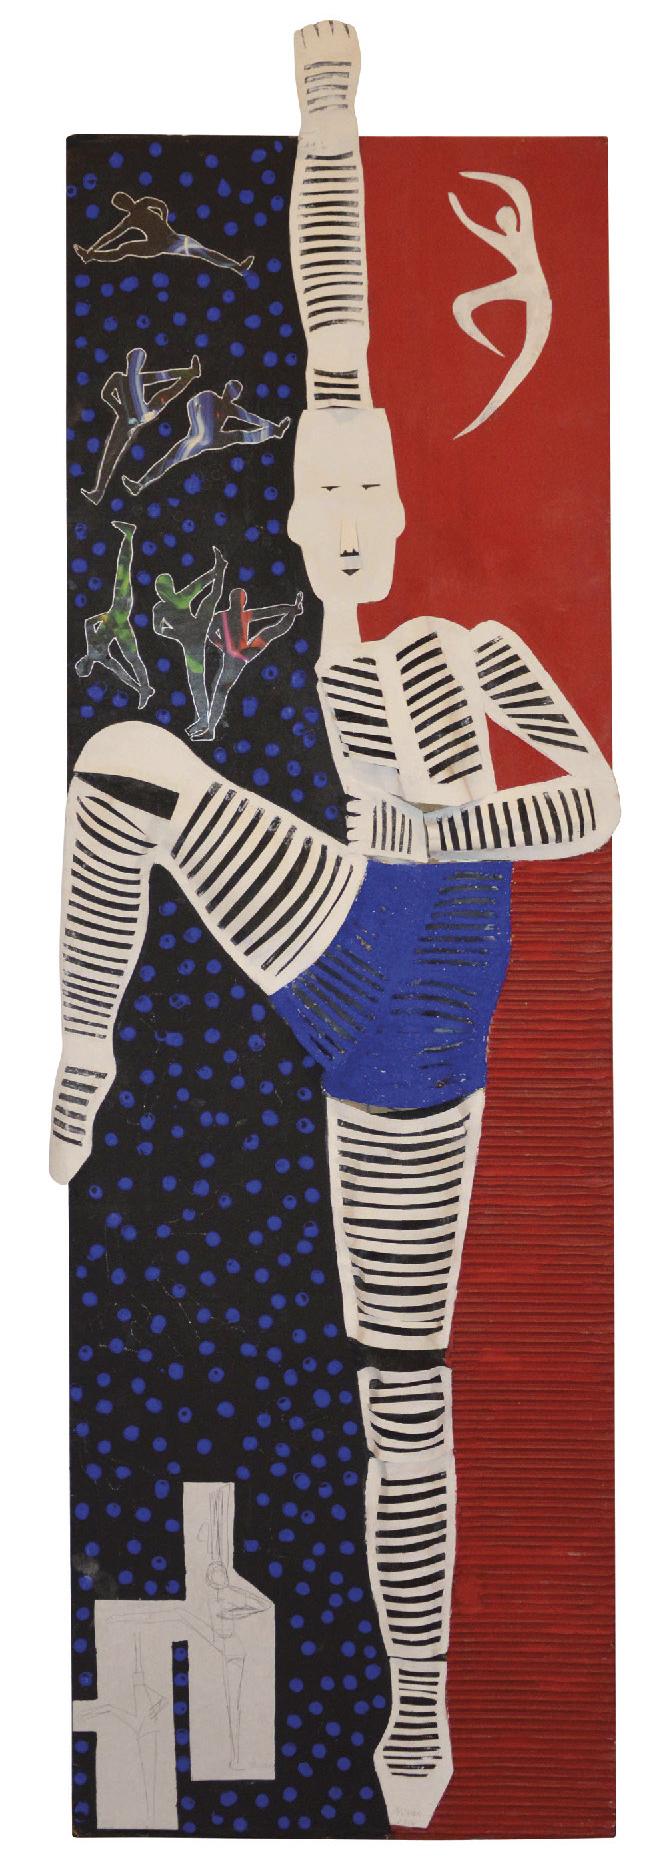 NIVESE Oscari (1944) Danseur, 2016 - Mixed media - 147 x 47 cm -